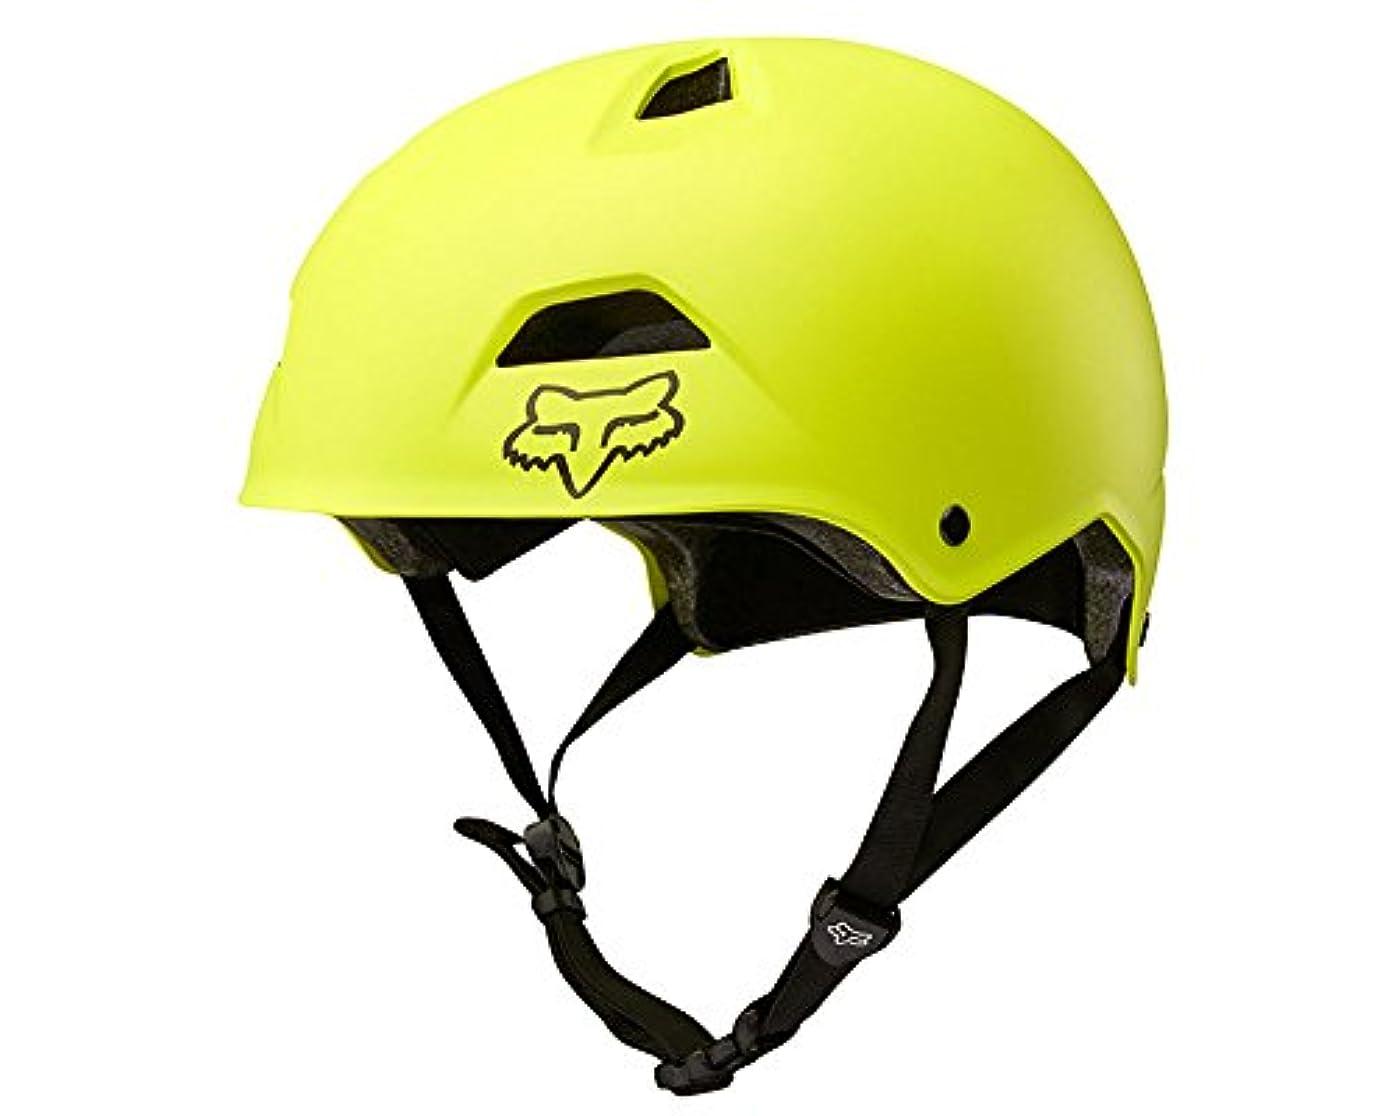 調整可能すり減る集中的なFOX(フォックス) FLIGHT SPORT(フライトスポーツ) (オープンイエロー) ヘルメット